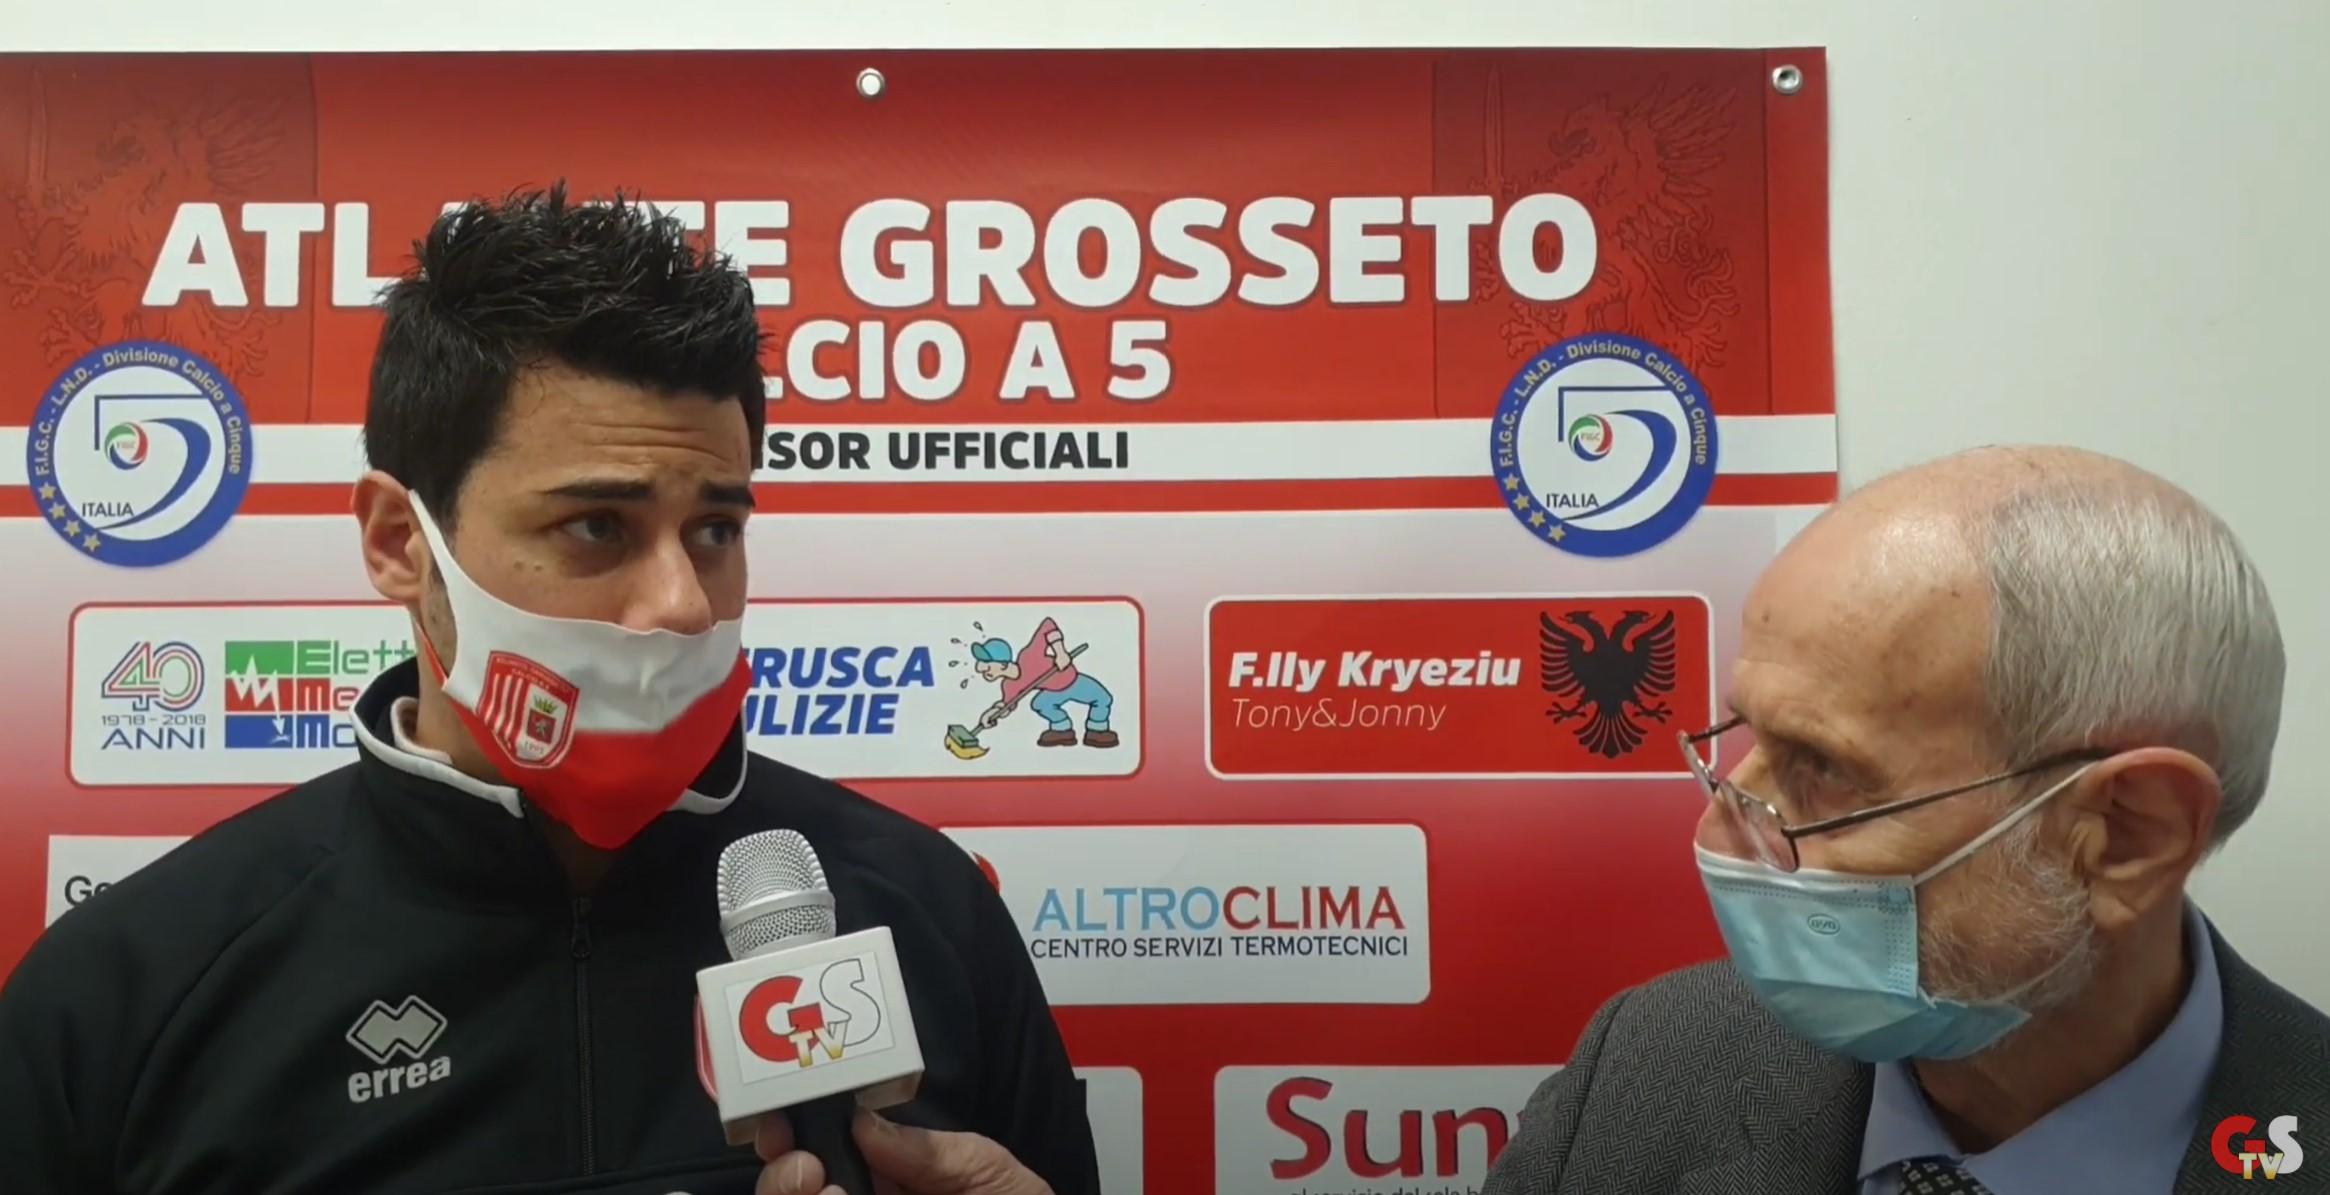 Gs Tv - Alessandro Izzo intervistato da Franco Ciardi dopo Atlante-Lastrigiana 6 a 4